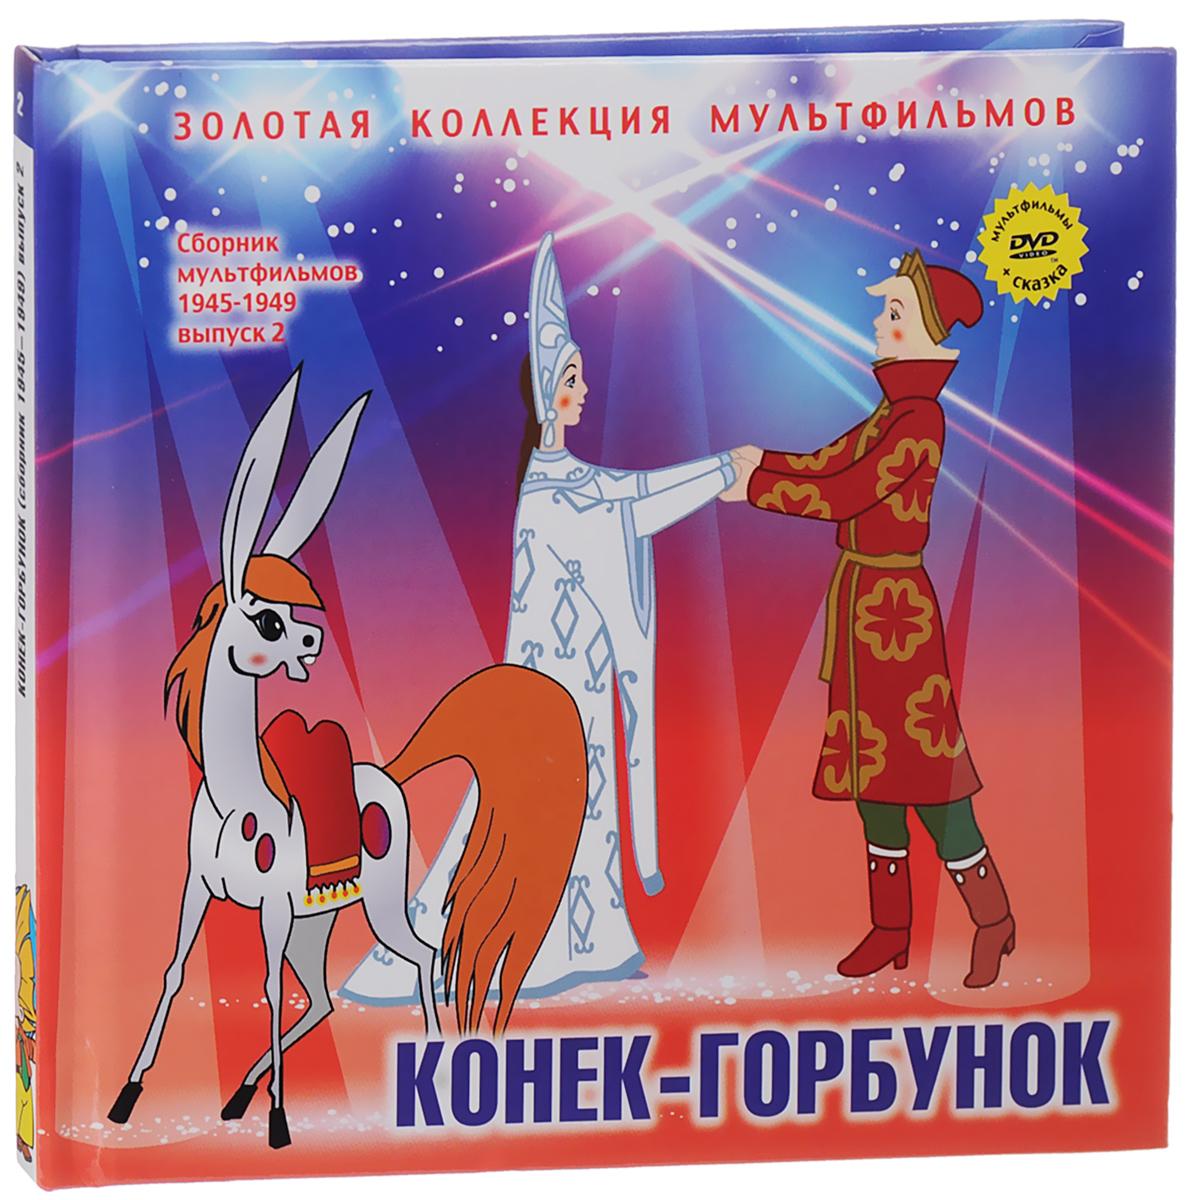 Сборник мультфильмов 1945-1949: Выпуск 2: Конек-Горбунок